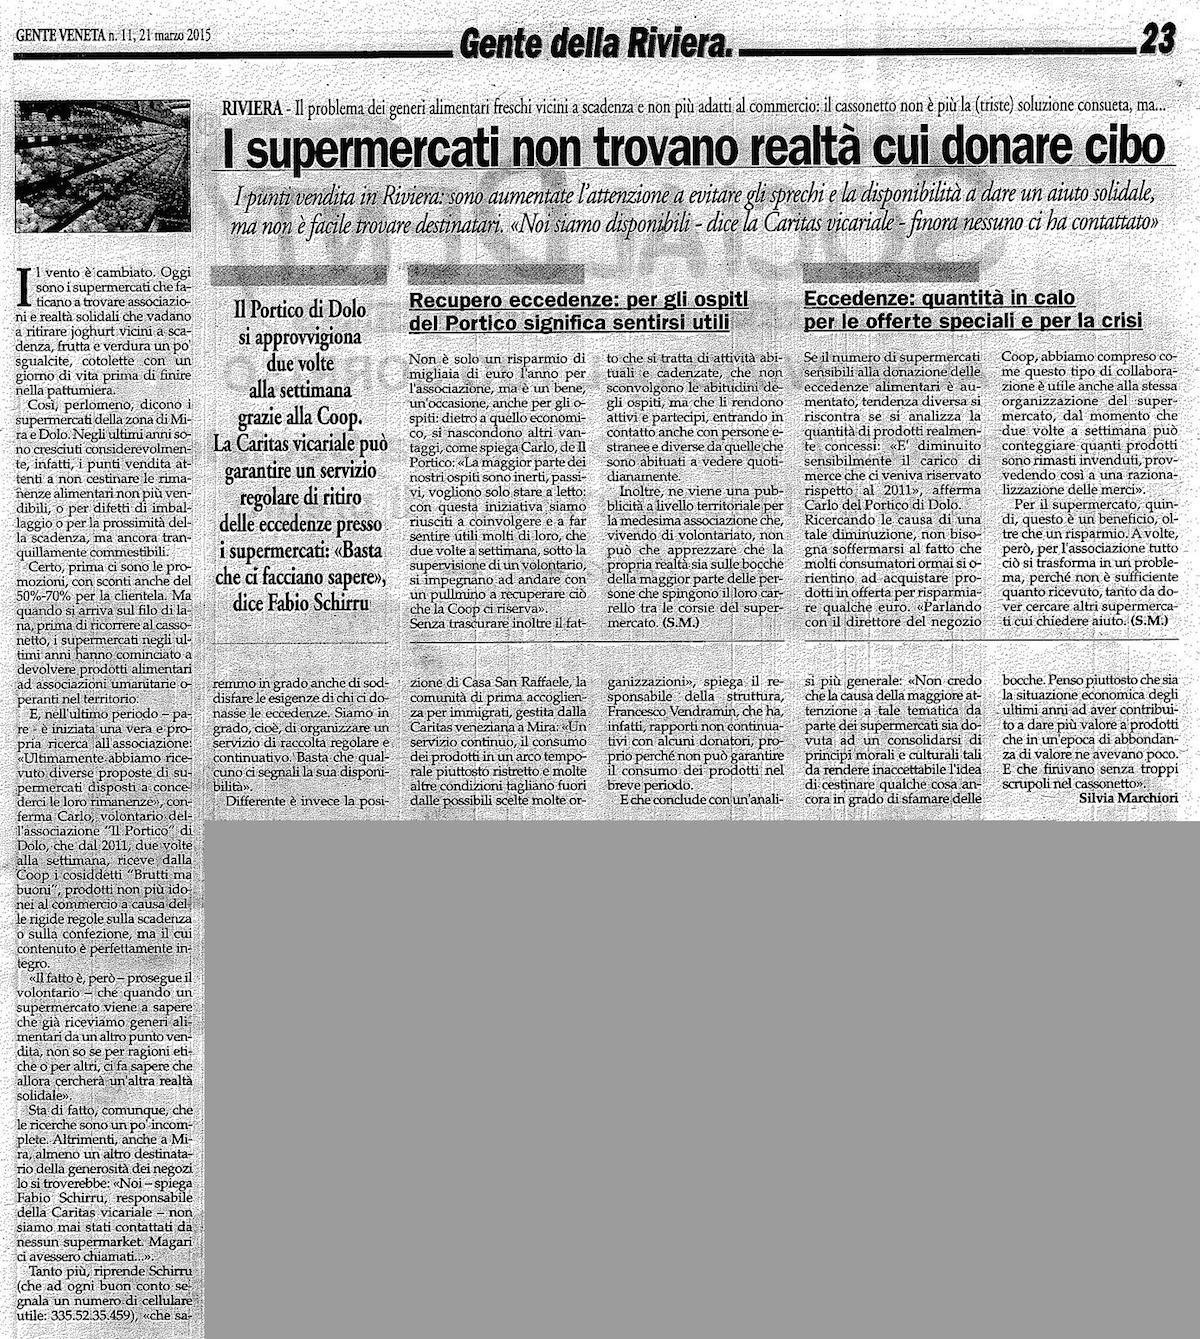 2015.03.21 Gente Veneta (p. 23) ARTICOLO COMPLETO